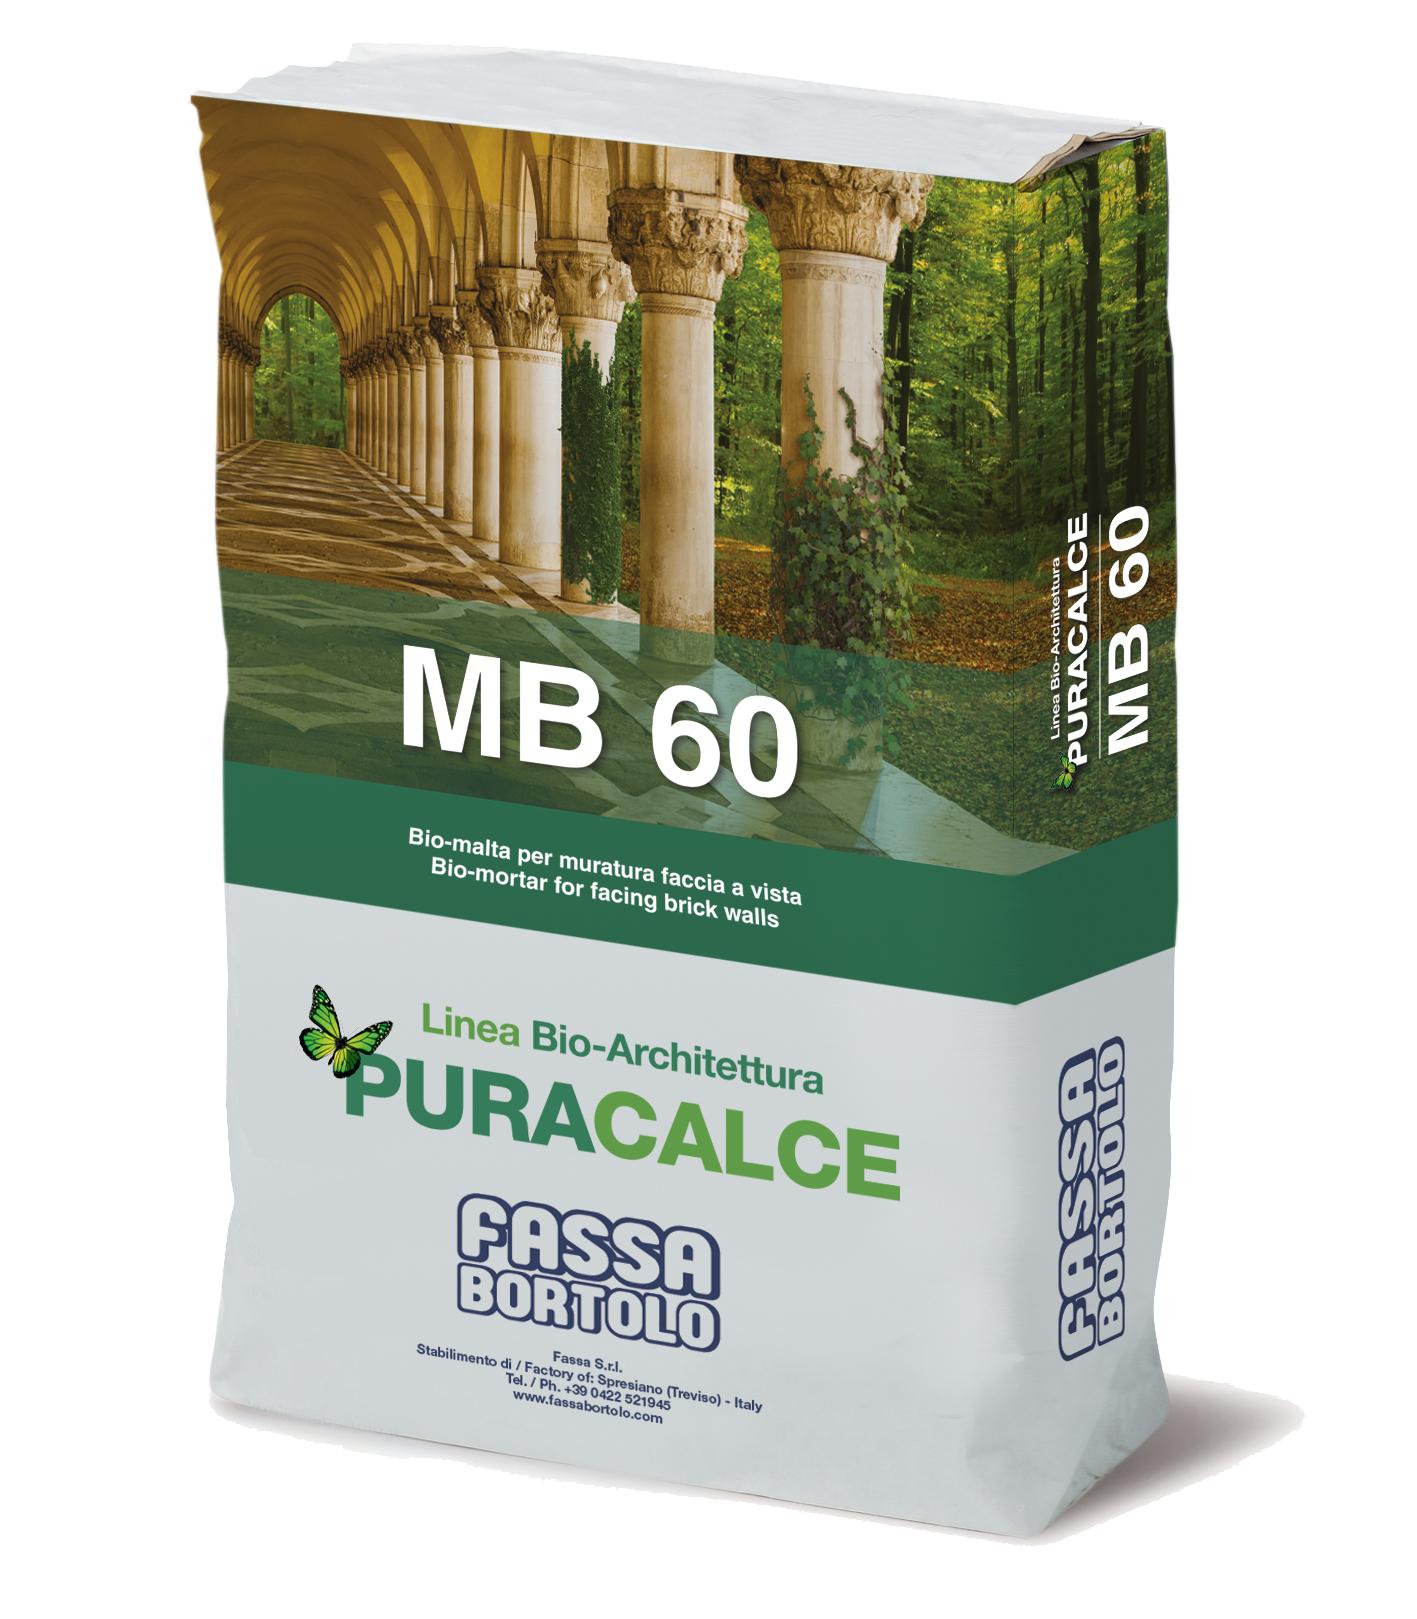 MB 60: Bio-malta per muratura faccia a vista bianca per interni ed esterni